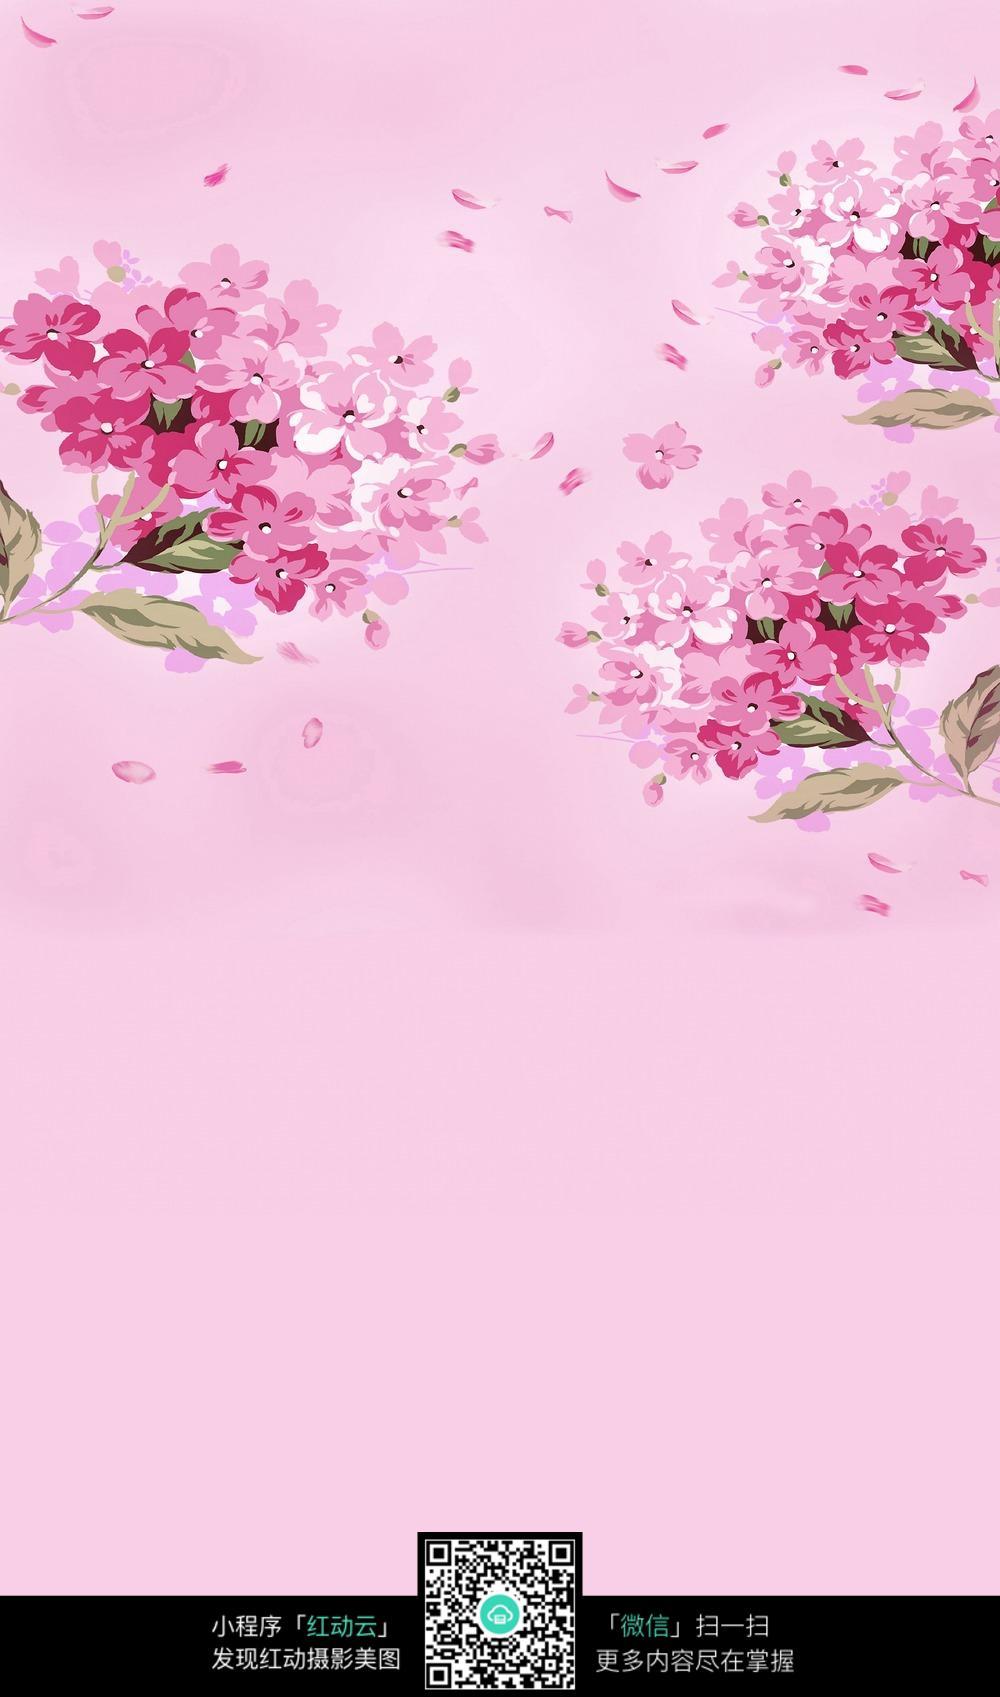 粉色花卉背景素材图片